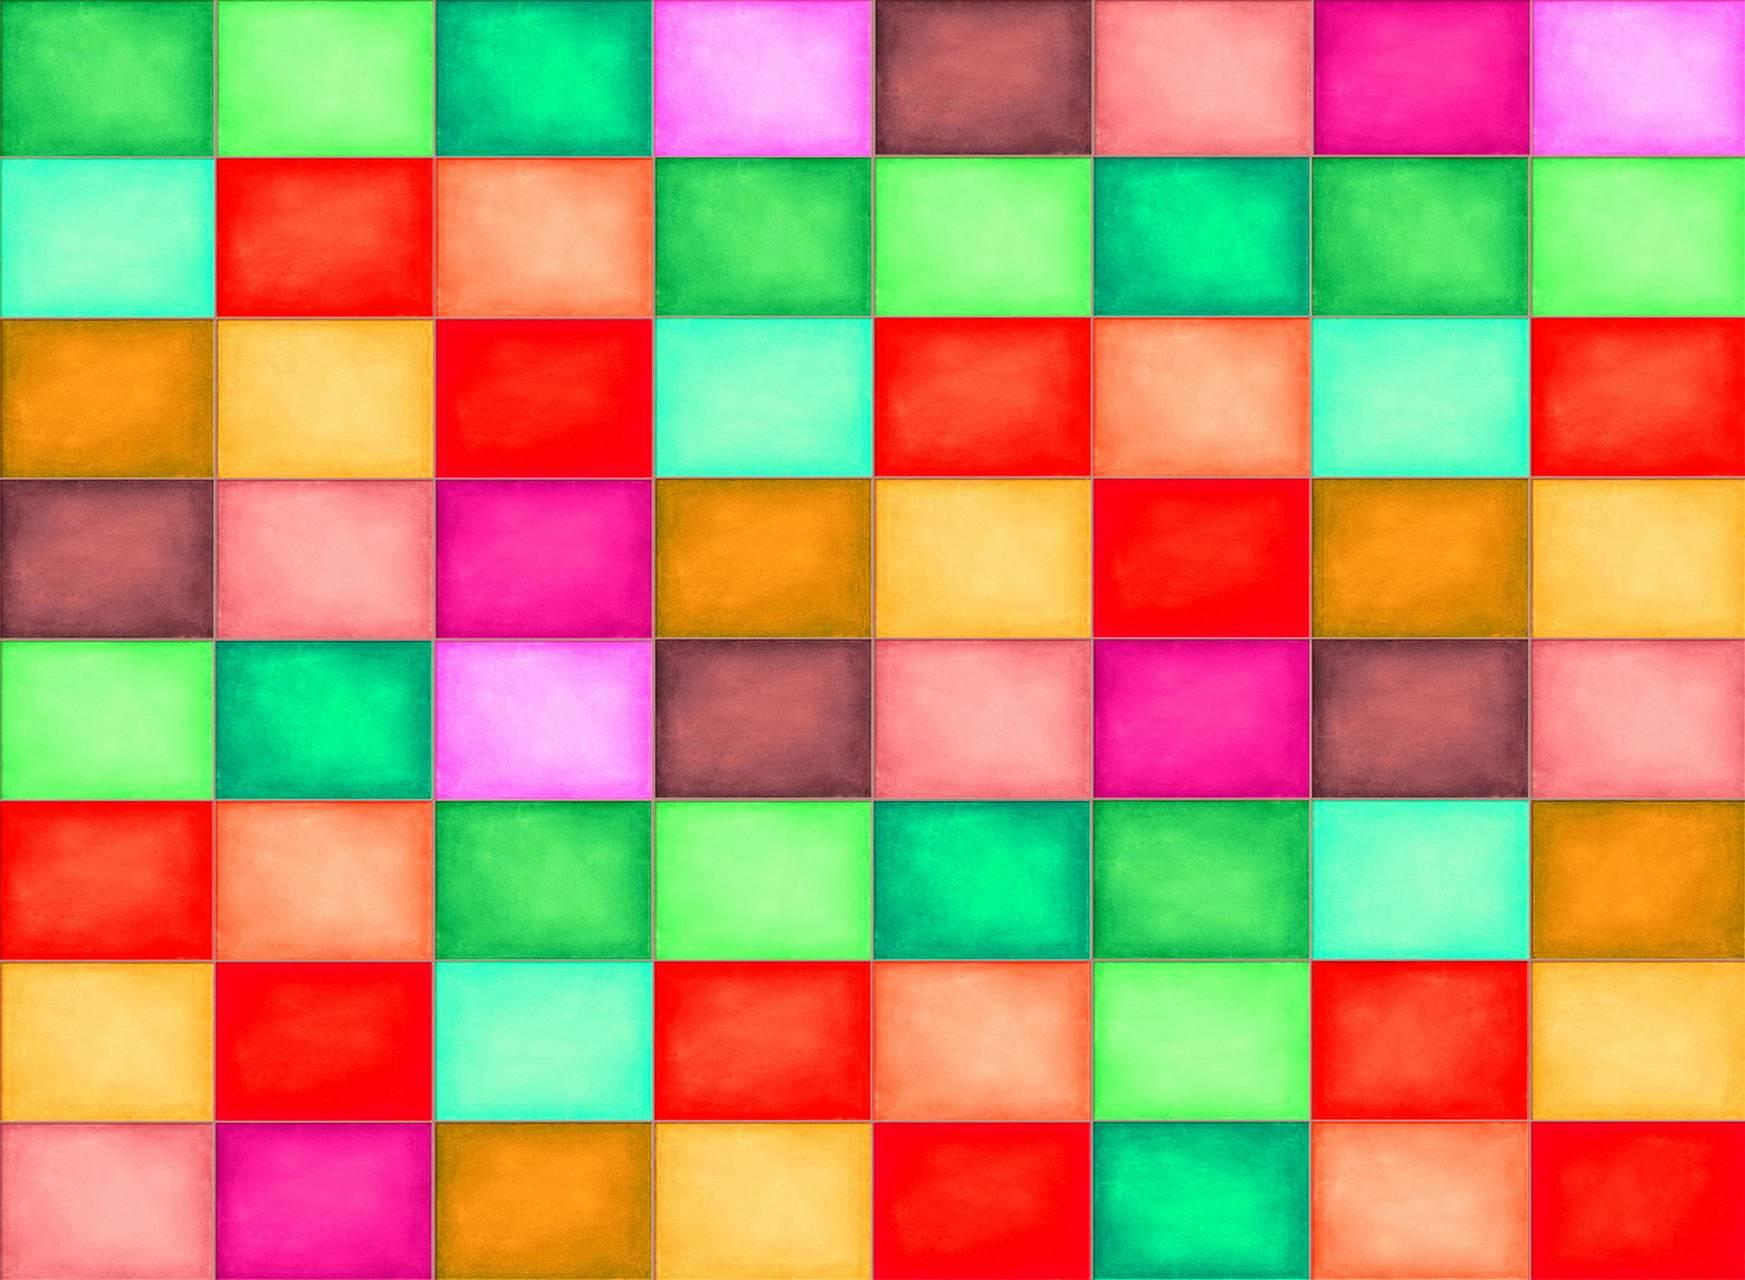 Multicolored Squares